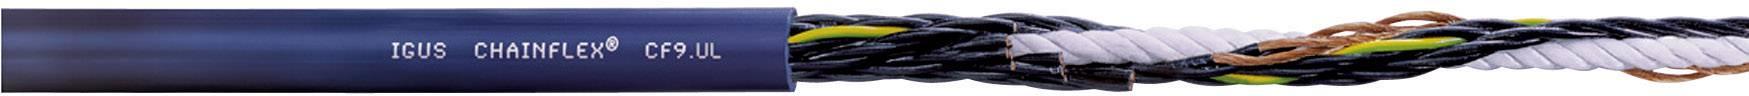 Řídicí kabelové vedení igus Chainflex® CF CF9.02.03.INI, 3x 0,25 mm², elastomer, Ø 4 mm, nestíněný, 1 m, modrá